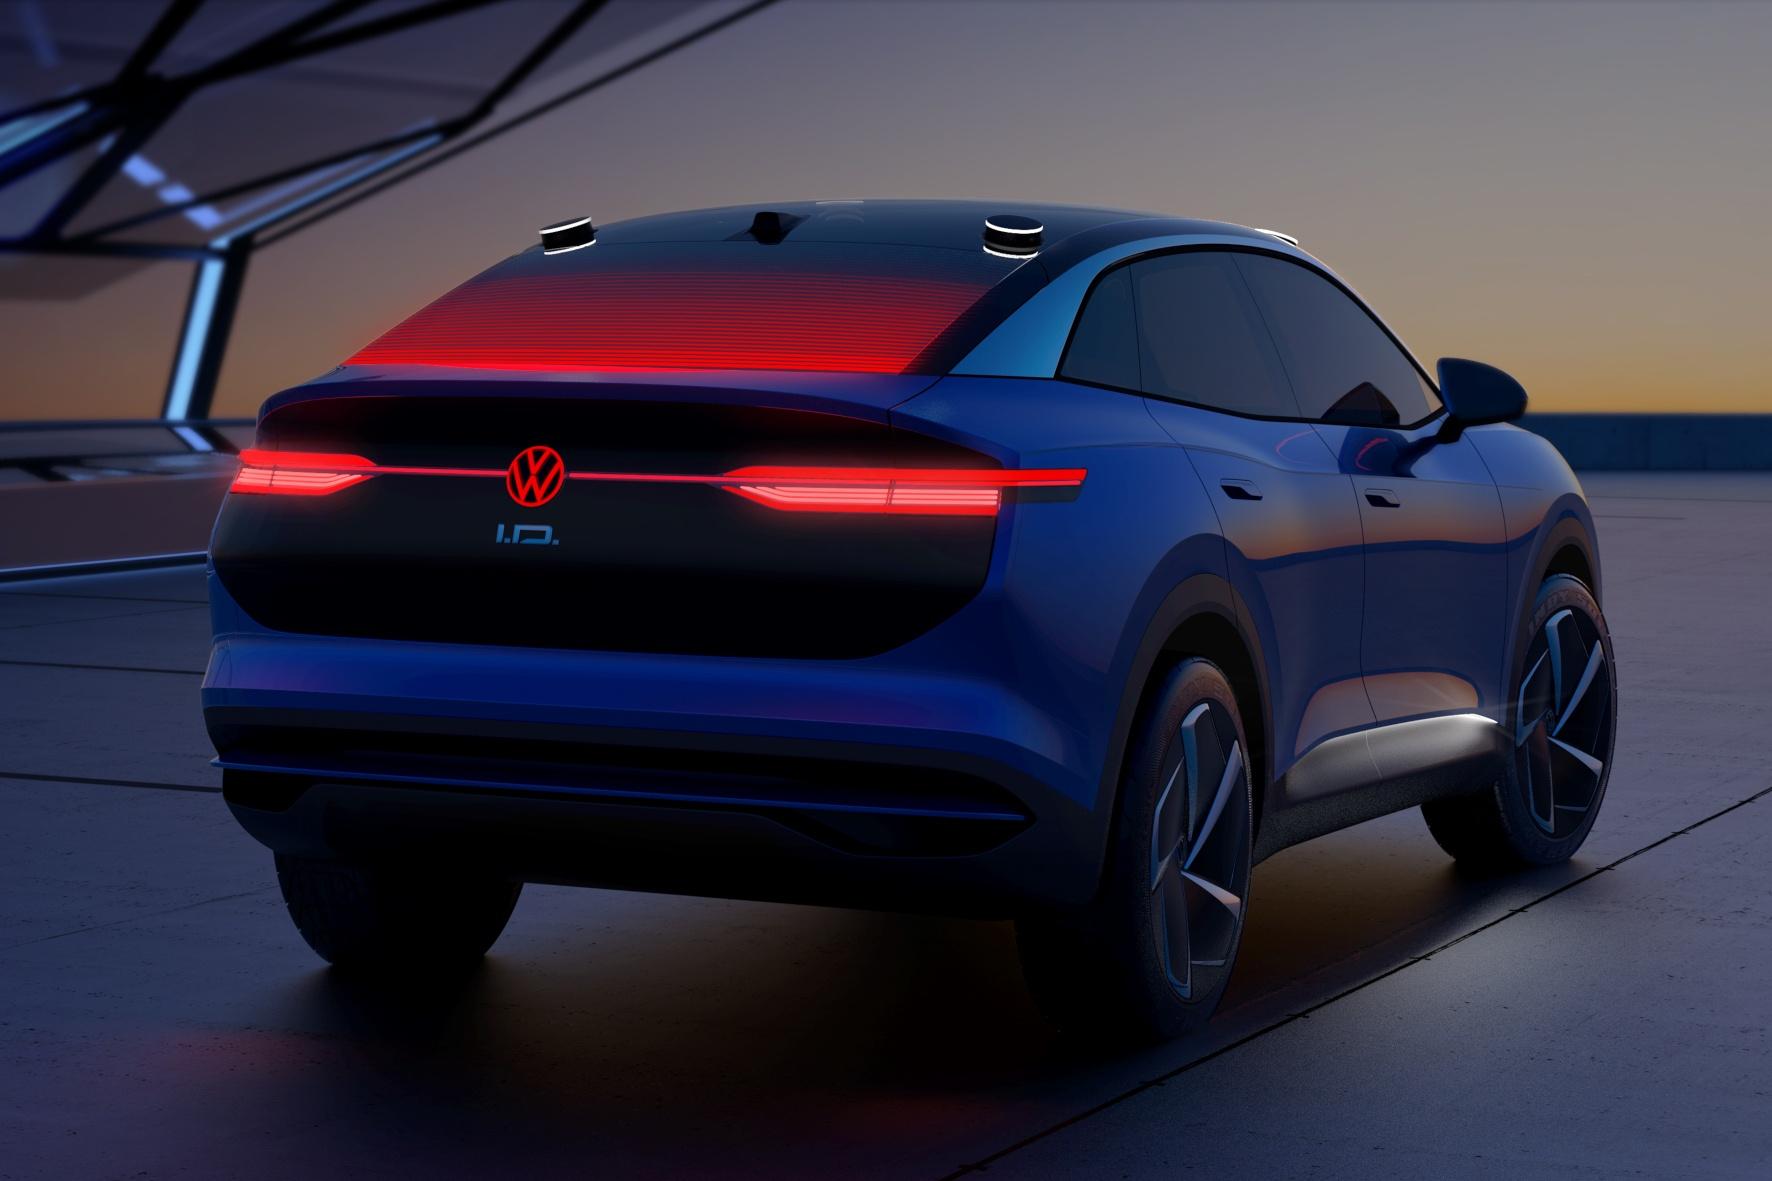 Autoteile-Zulieferer erweitert sein Lichtgeschäft